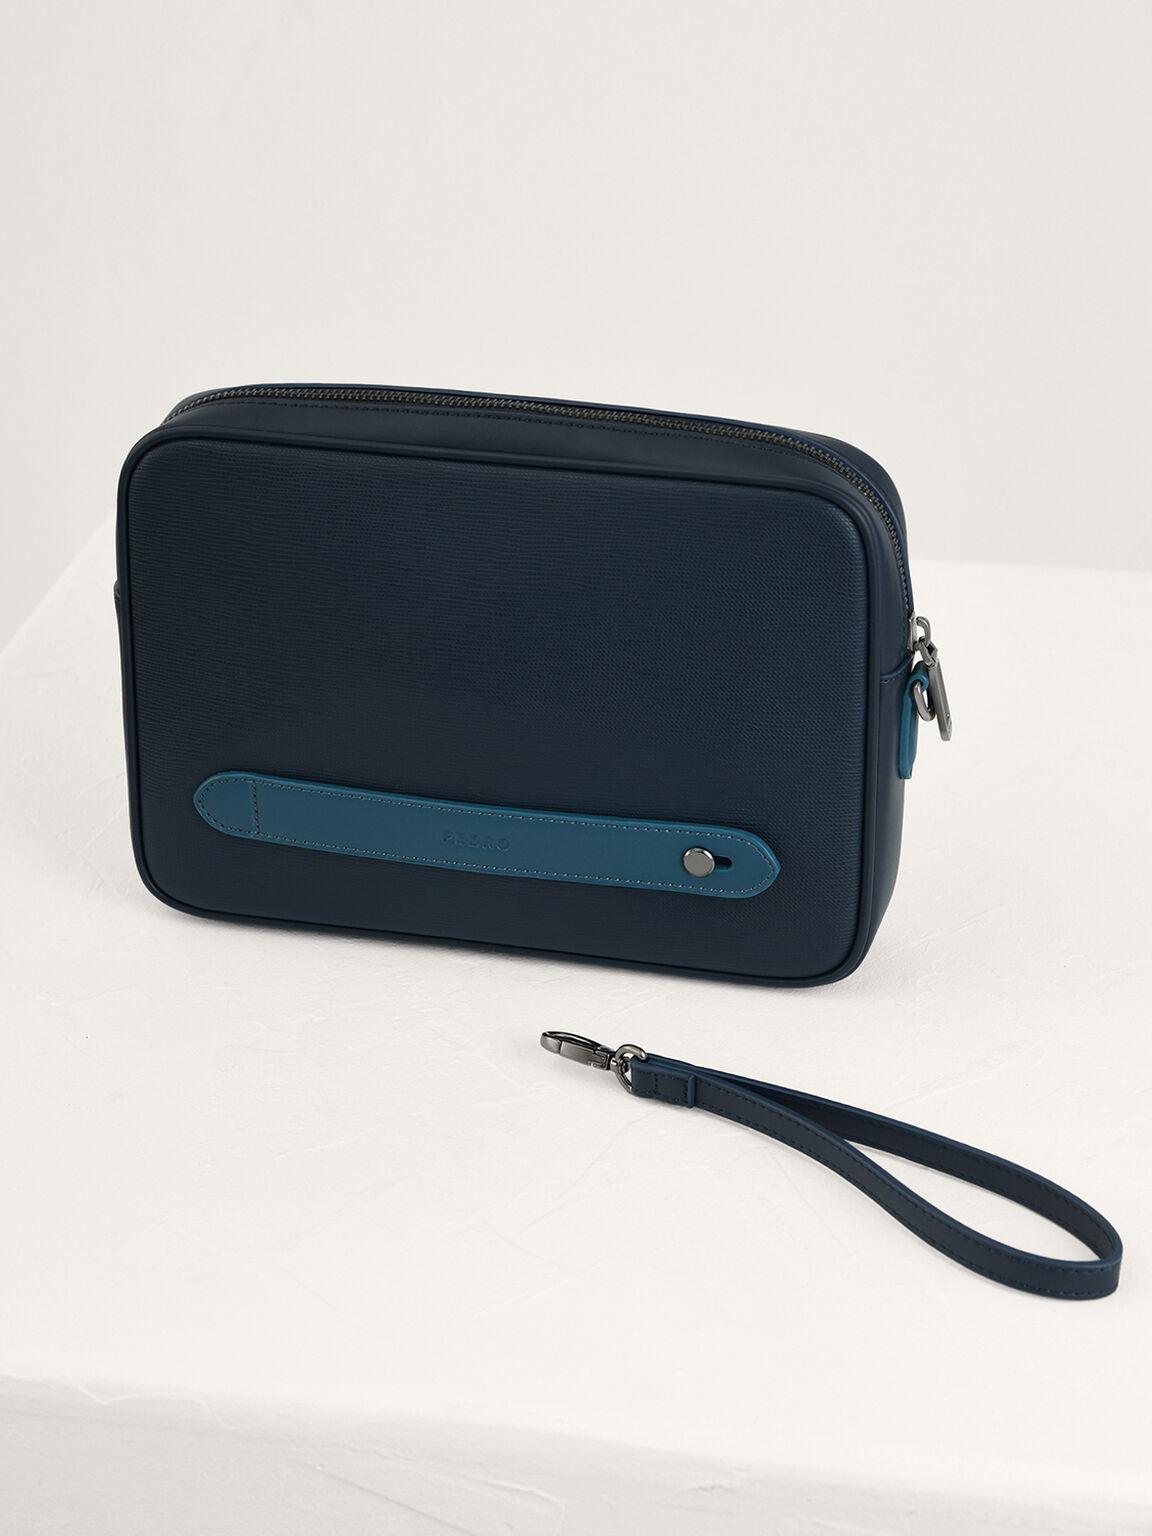 壓花皮革手拿包, 海军蓝色, hi-res